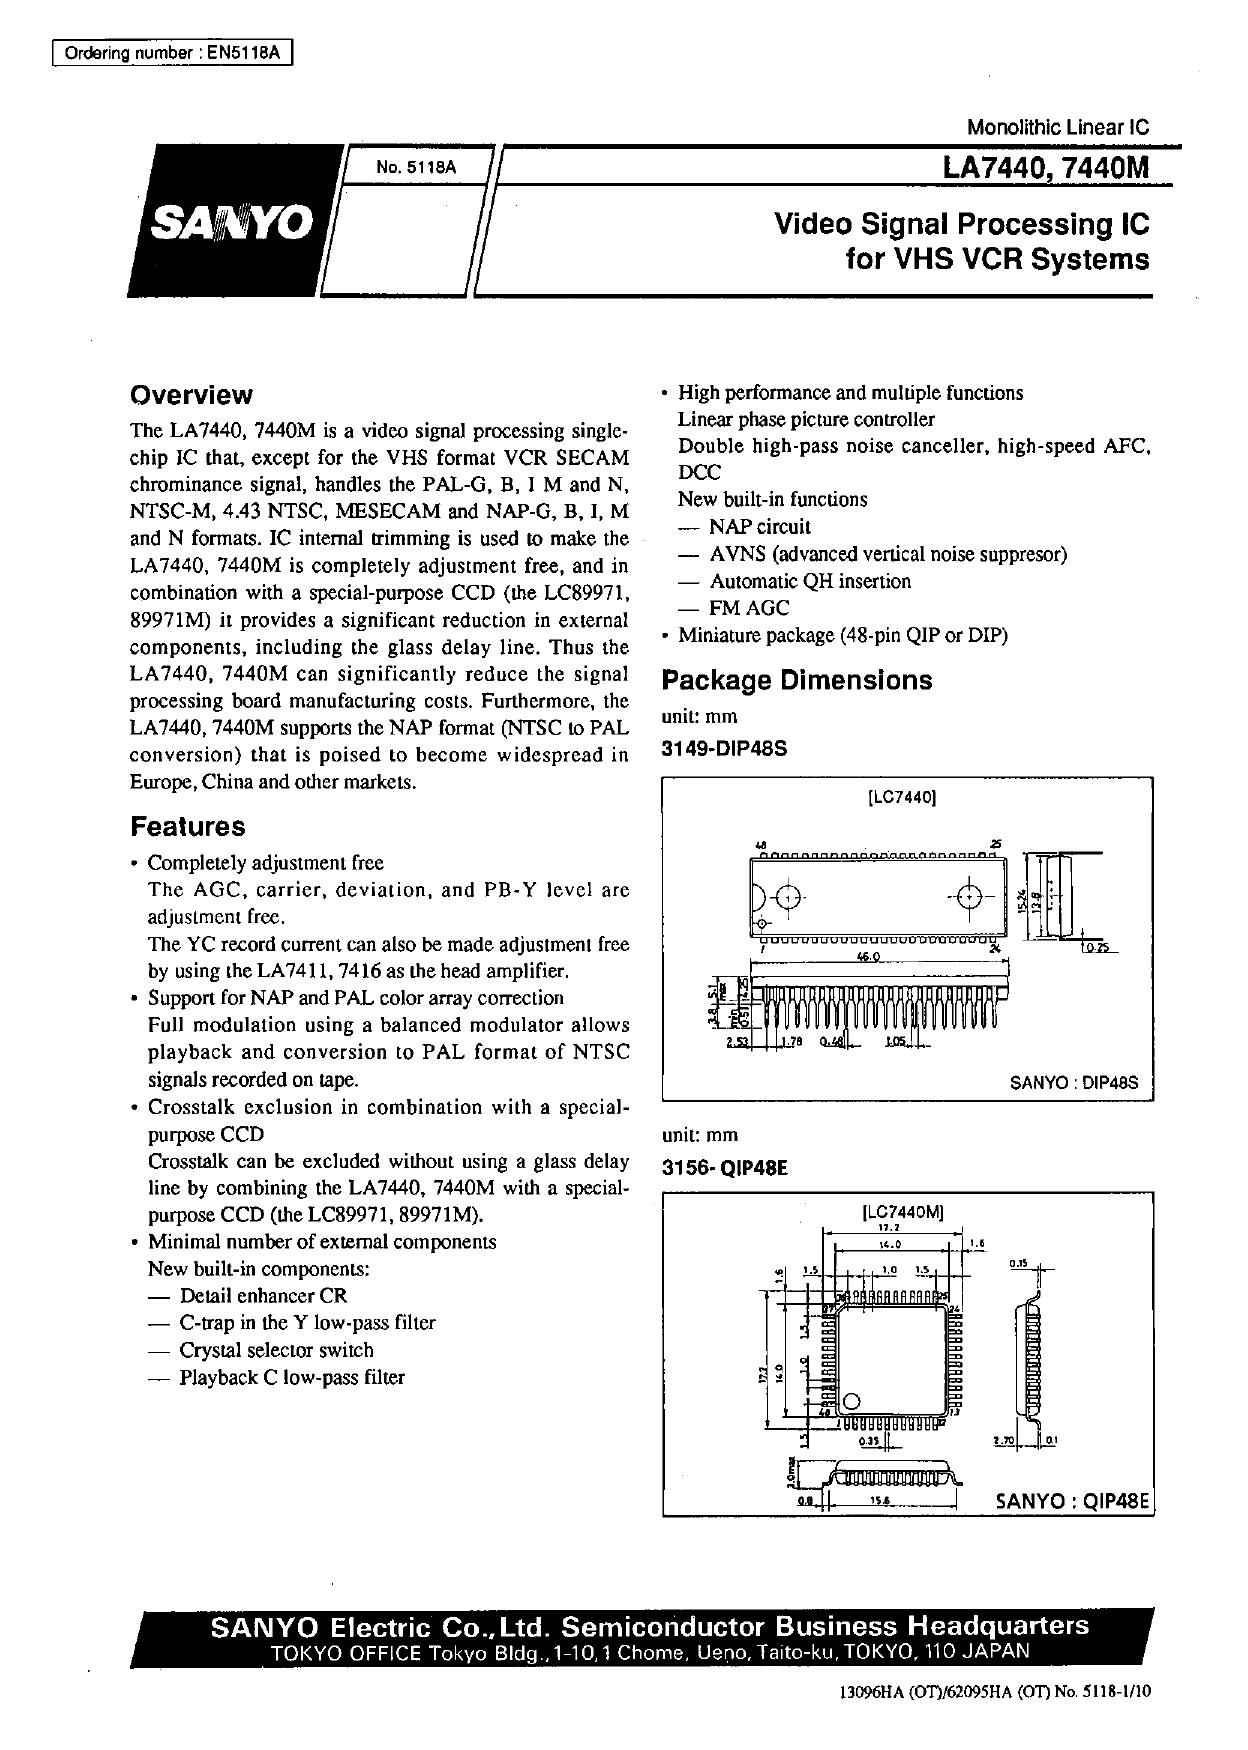 LA7440M 데이터시트 및 LA7440M PDF